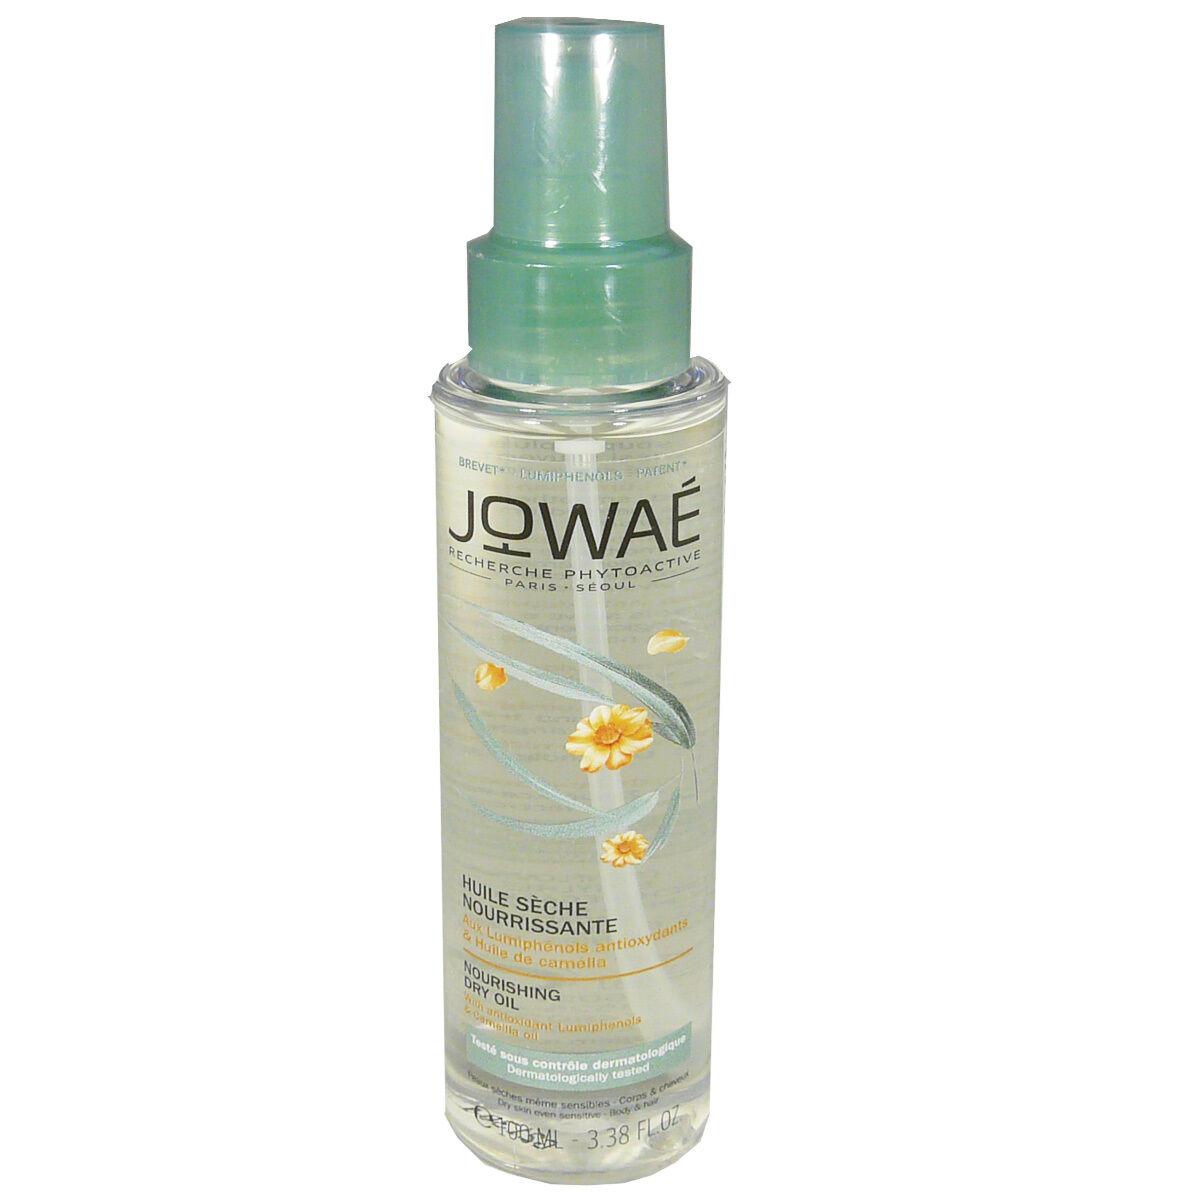 Jowae huile seche nourrissante 100 ml corps / cheveux